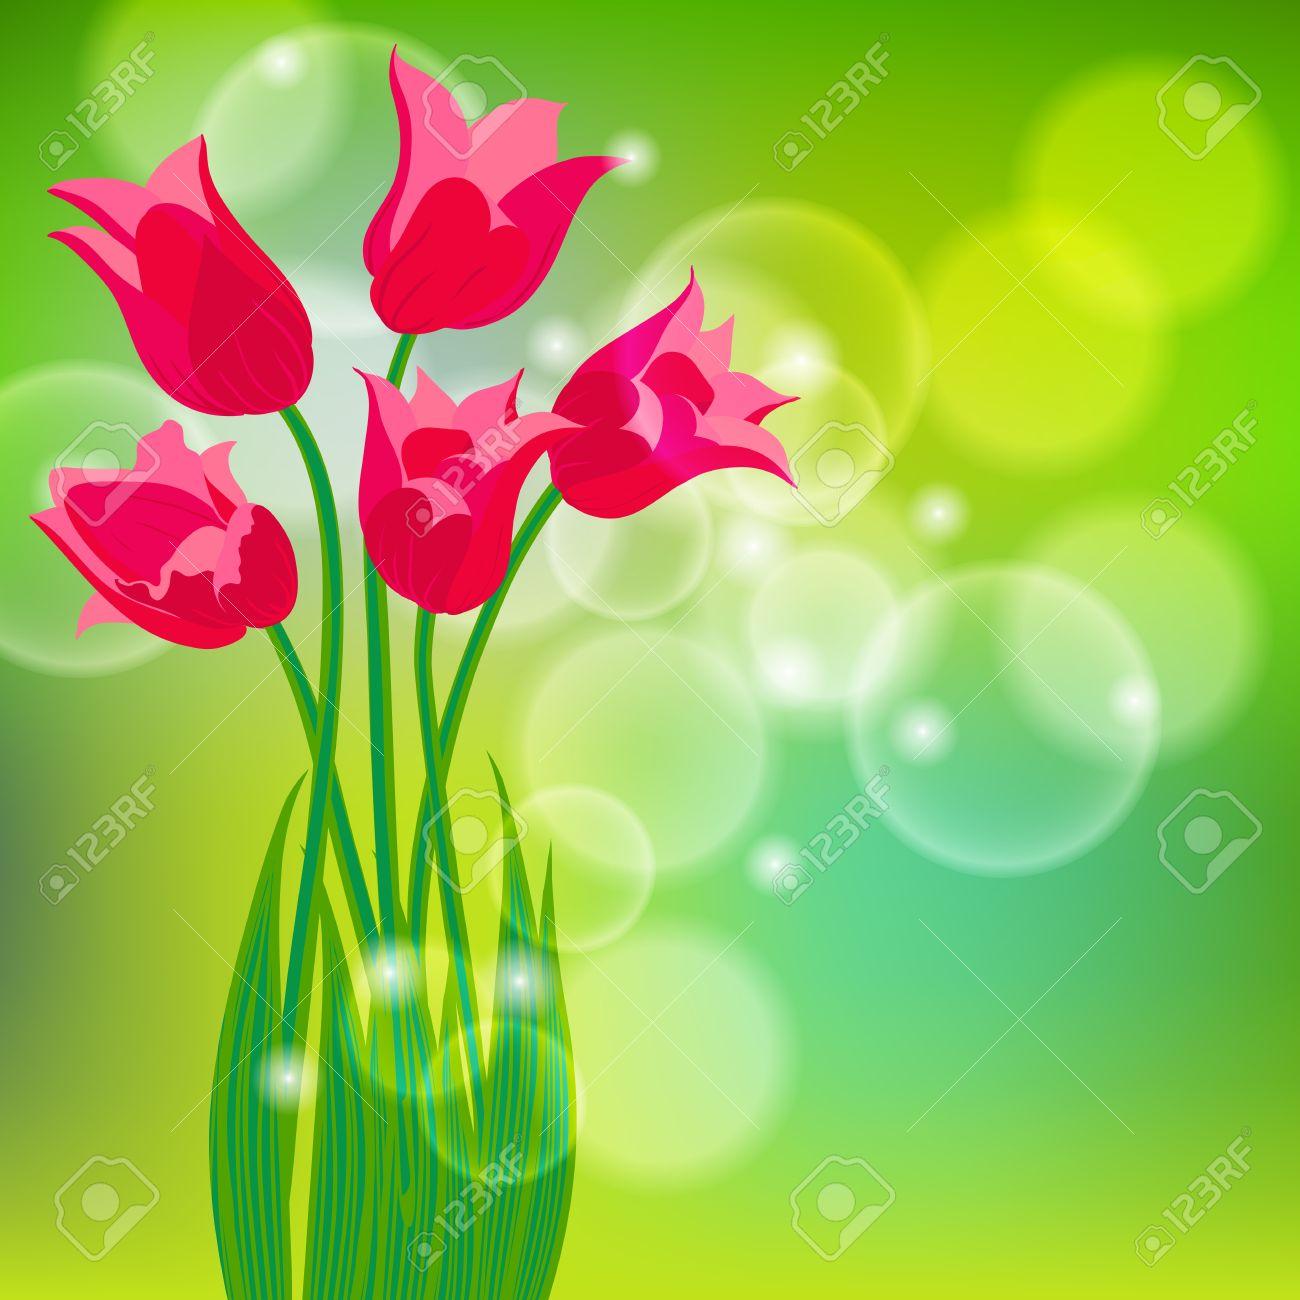 Vector De La Tarjeta Con Tulipanes Rojos En La Luz De Fondo Verde ...